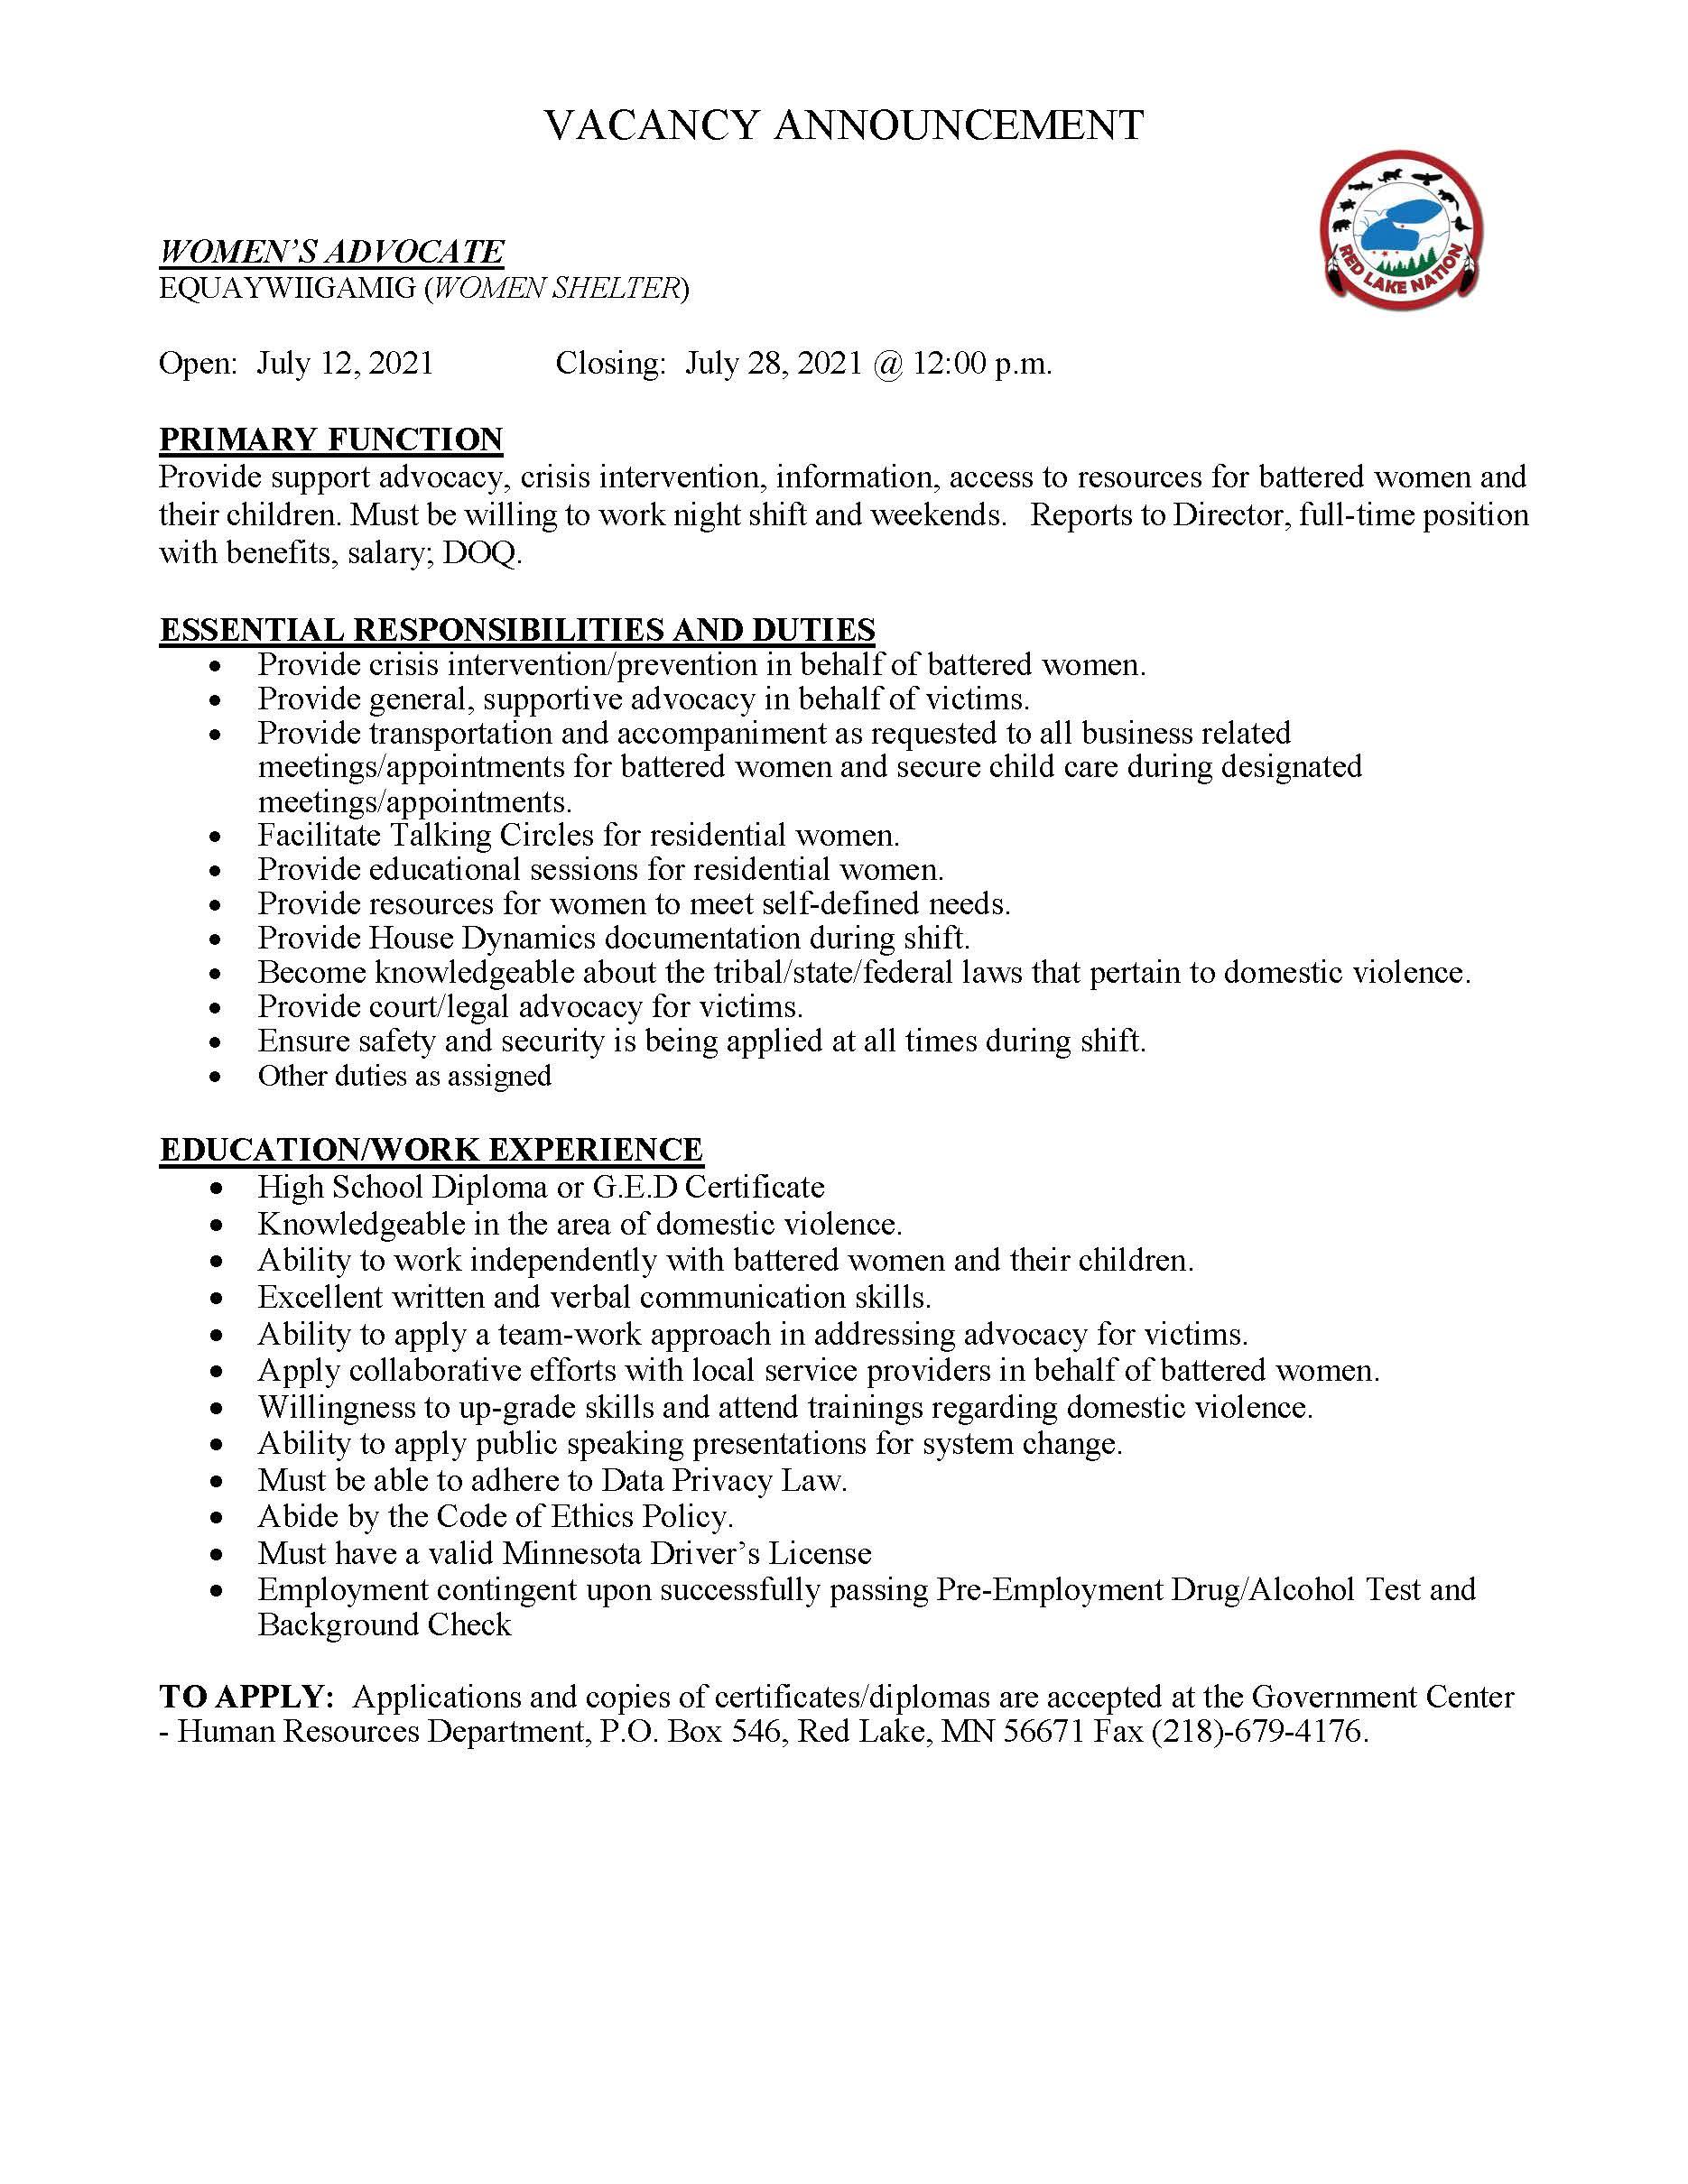 Womens Advocate-EquayWiigamig- Job Posting 7-9-2021